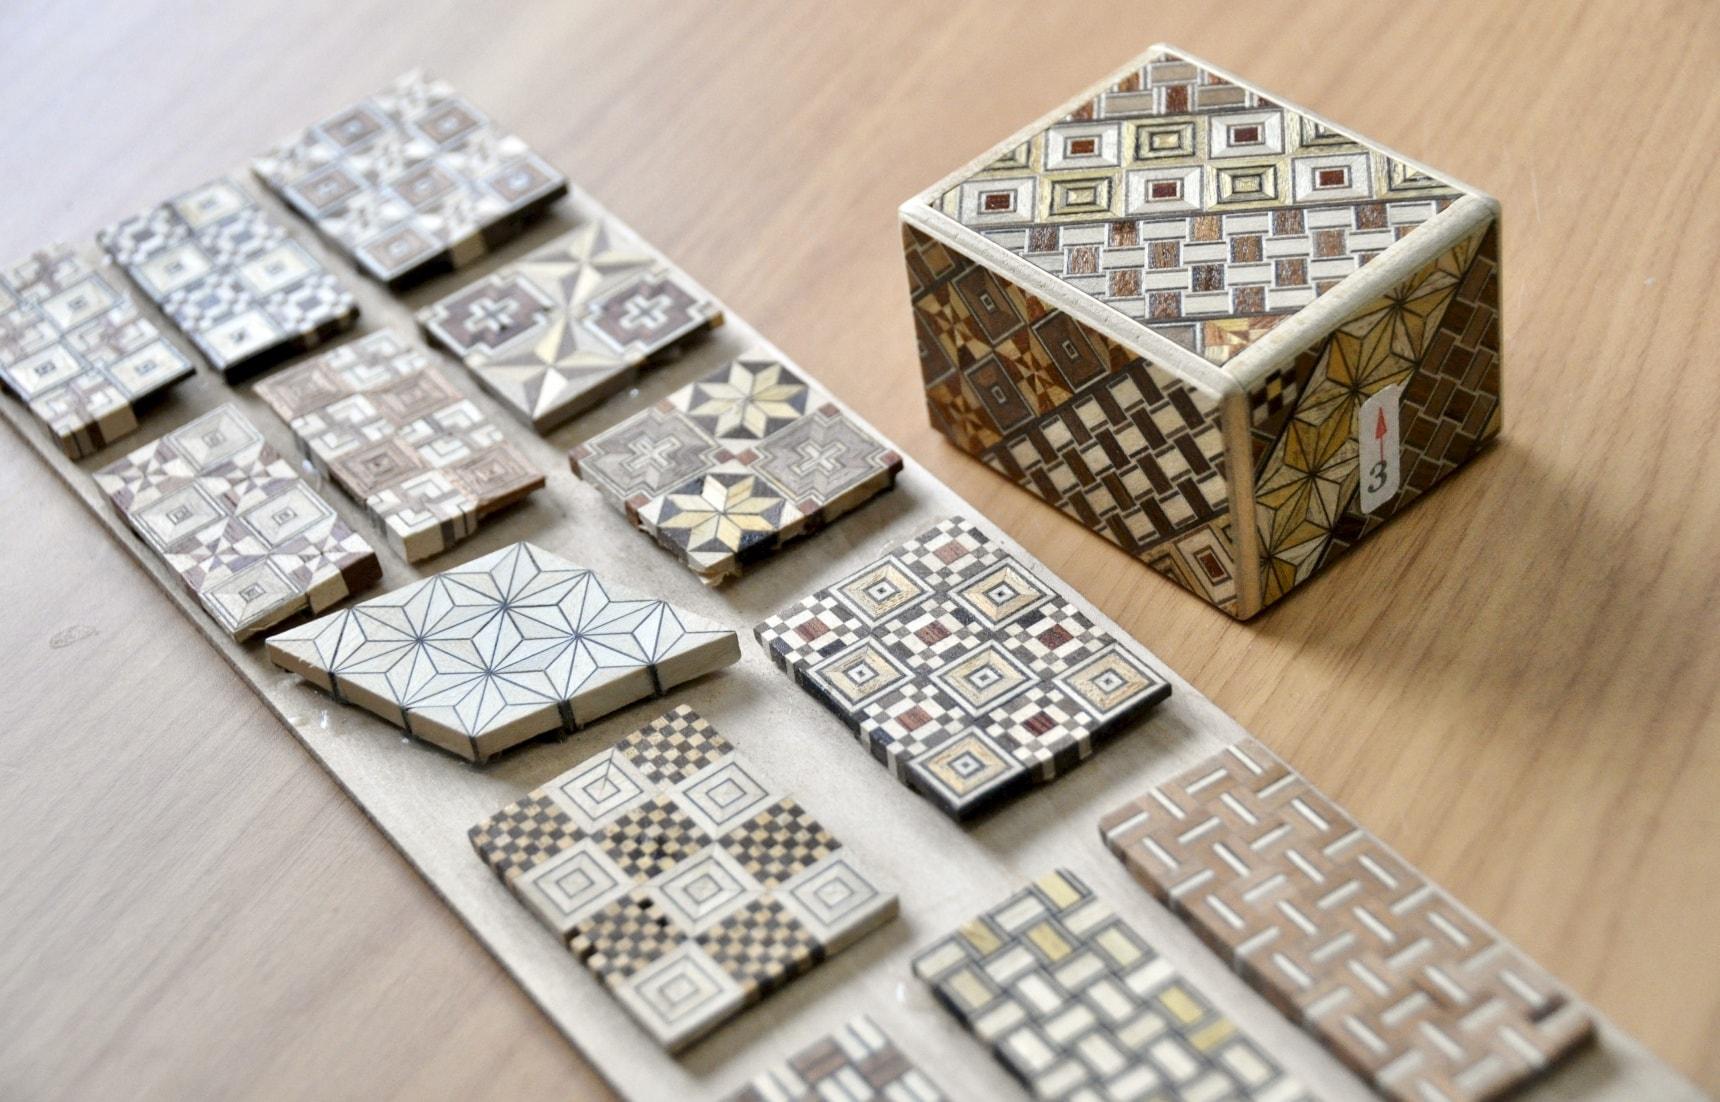 Hakone Yosegi Zaiku: World of Woodcraft